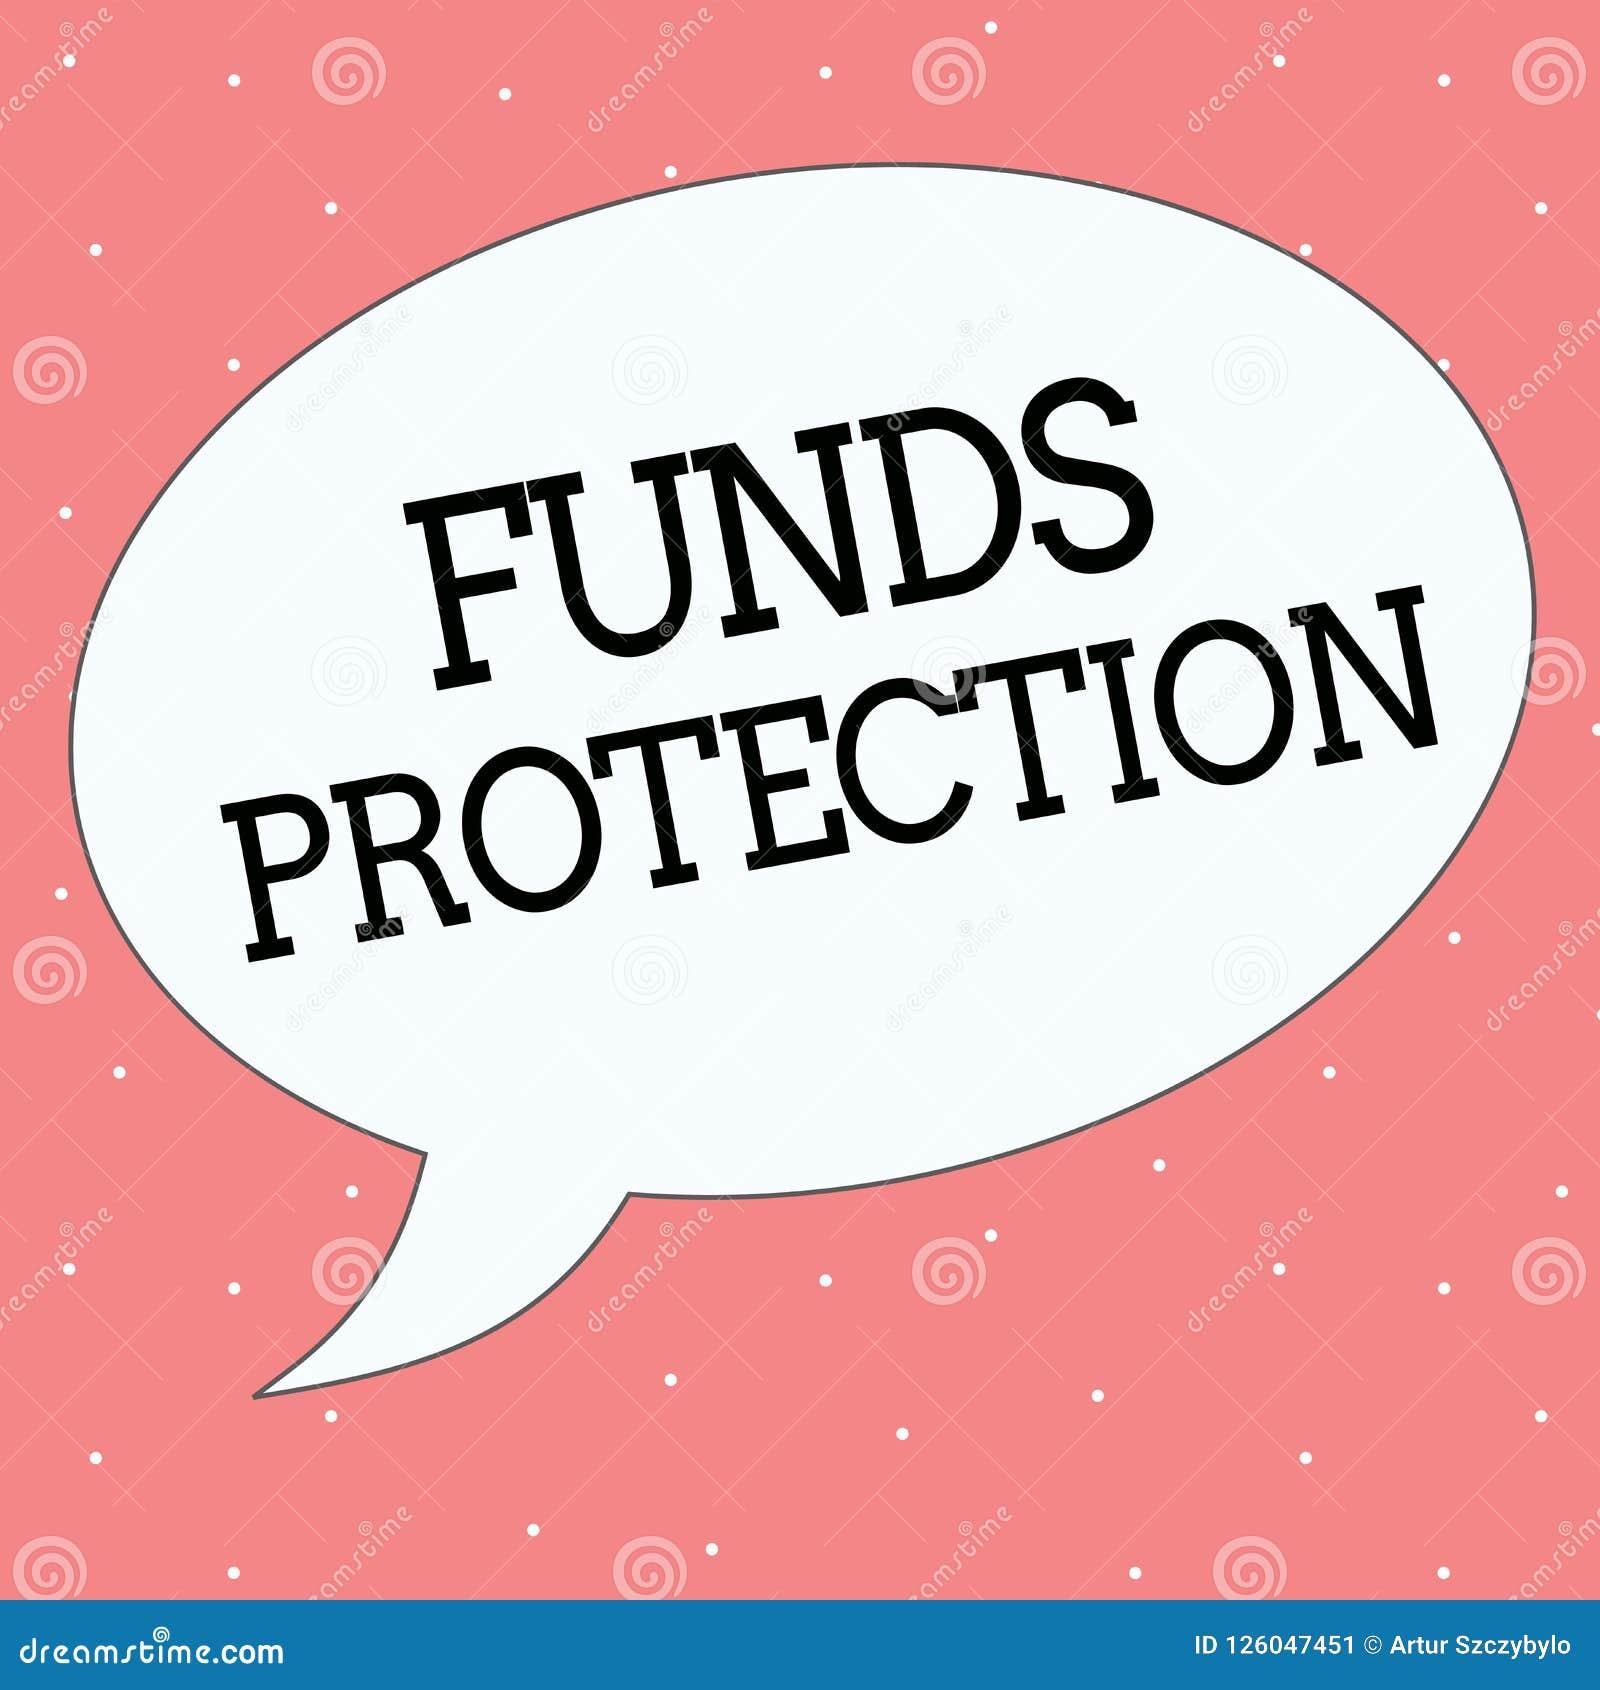 概念性手文字陈列资助保护 企业照片文本诺言退回部分最初的投资到投资者